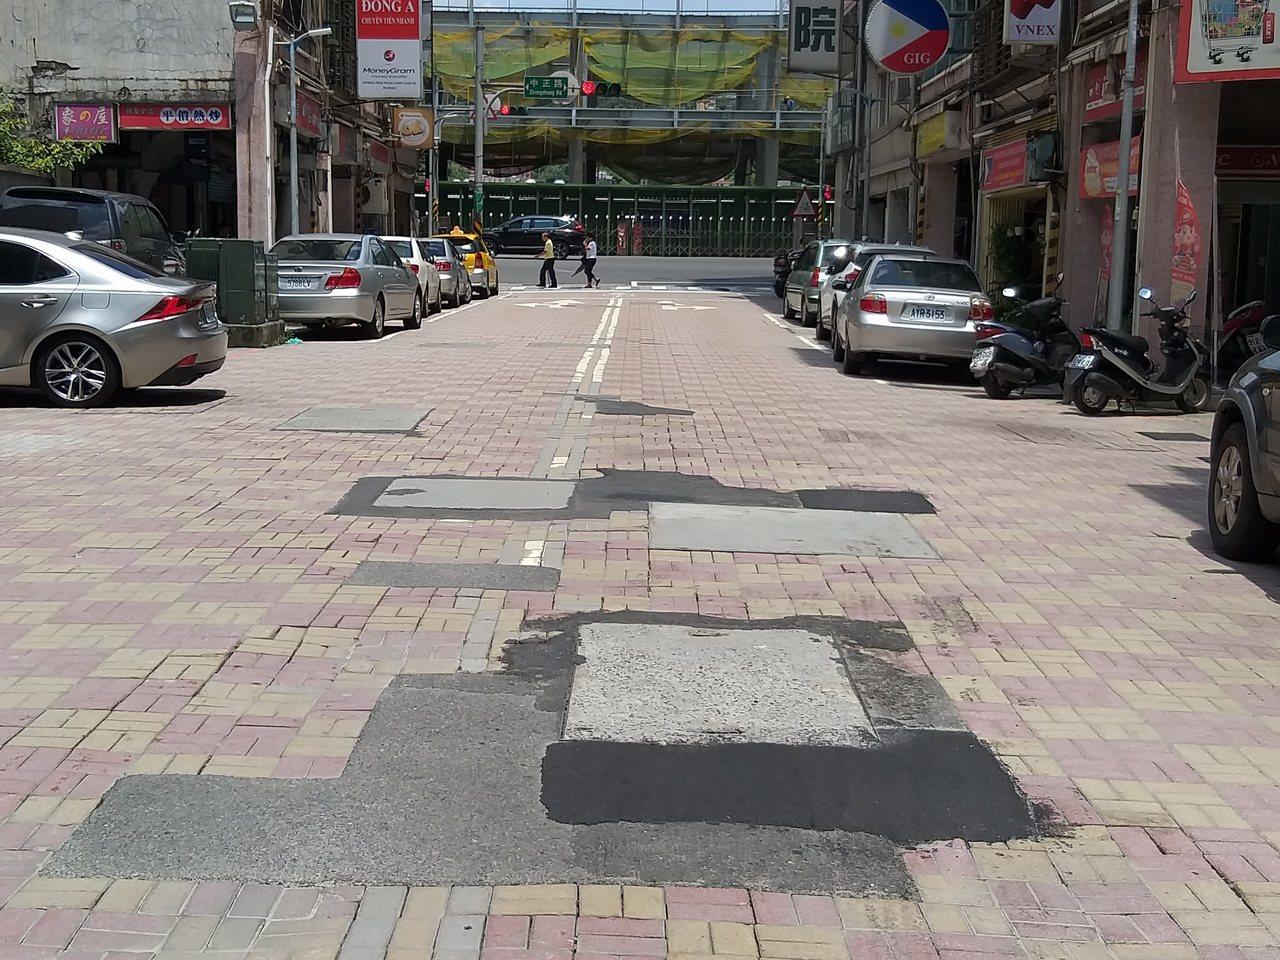 基隆市信三路地磚路面殘破,局部以瀝青填補,招致「狗皮膏藥」譏評。記者邱瑞杰/攝影